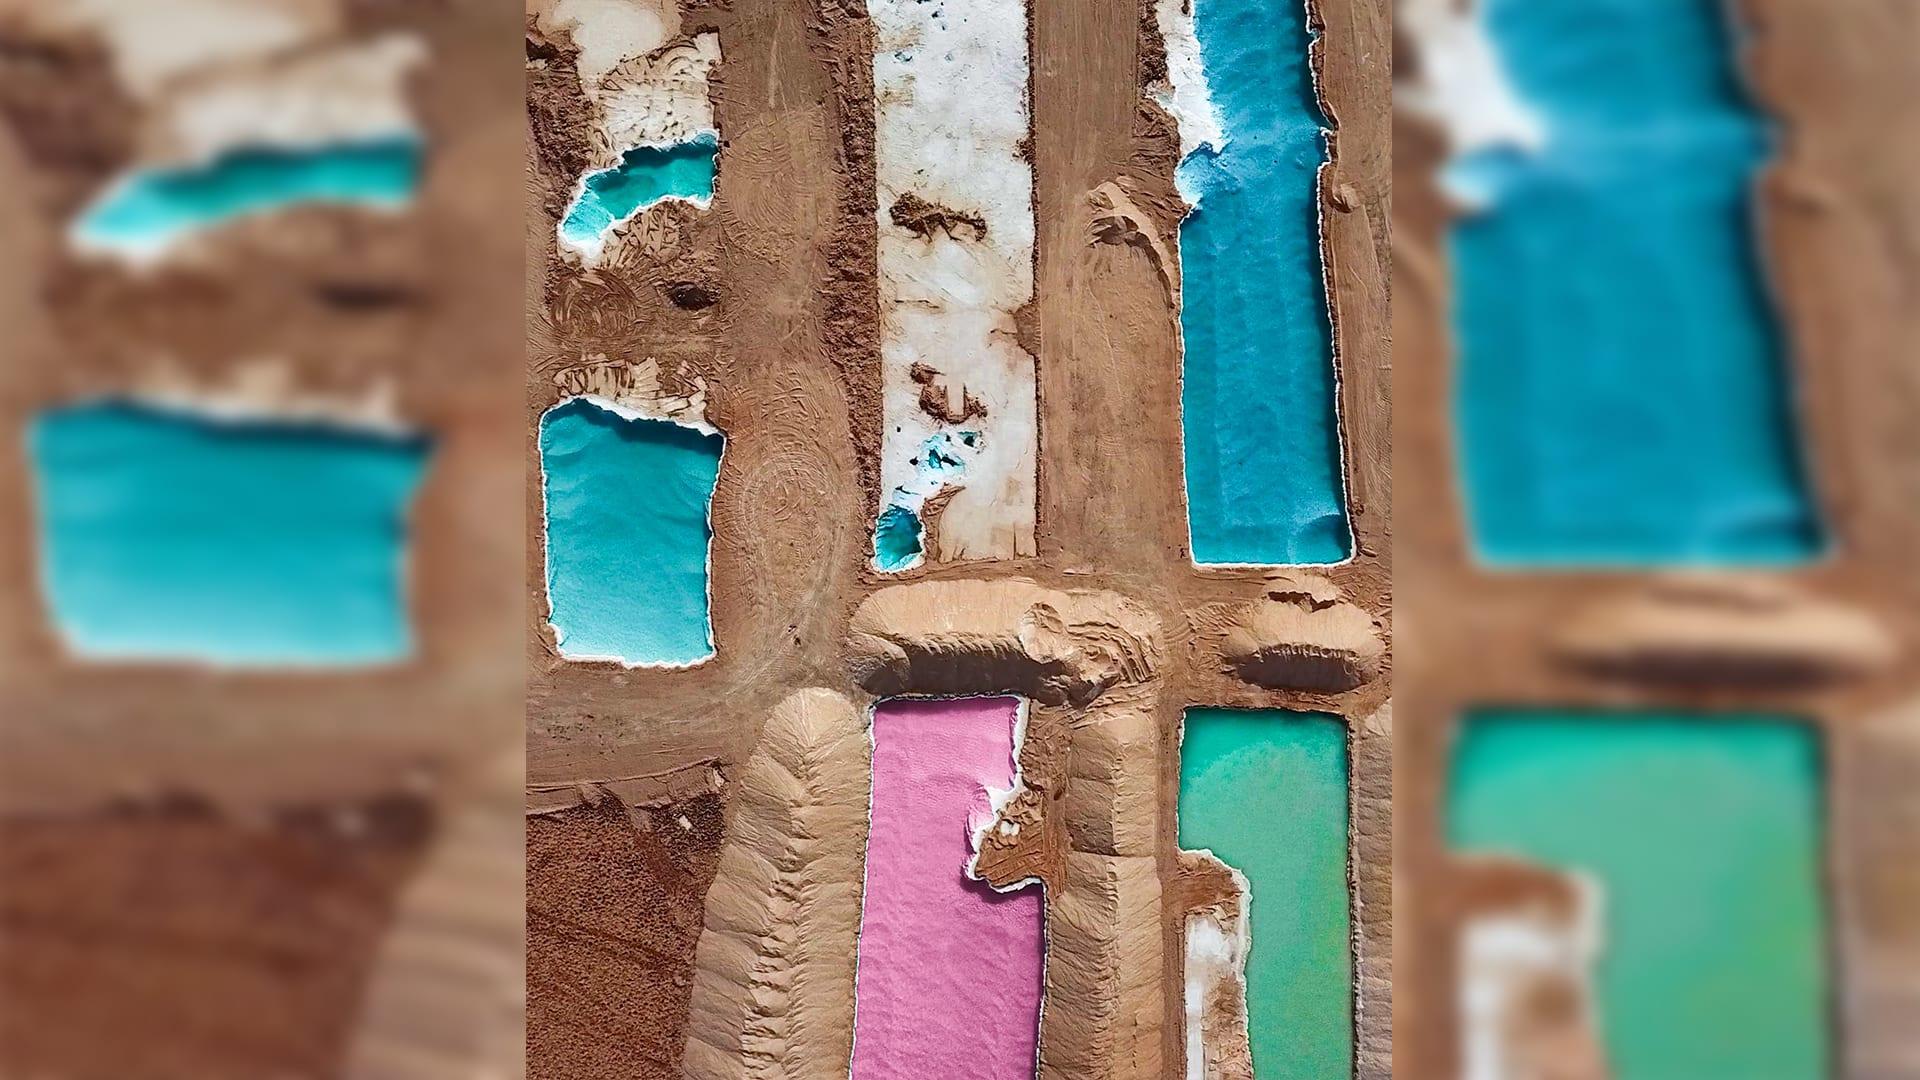 بحيرات الملح في واحة سيوة، مصر - المصور محمد السيد